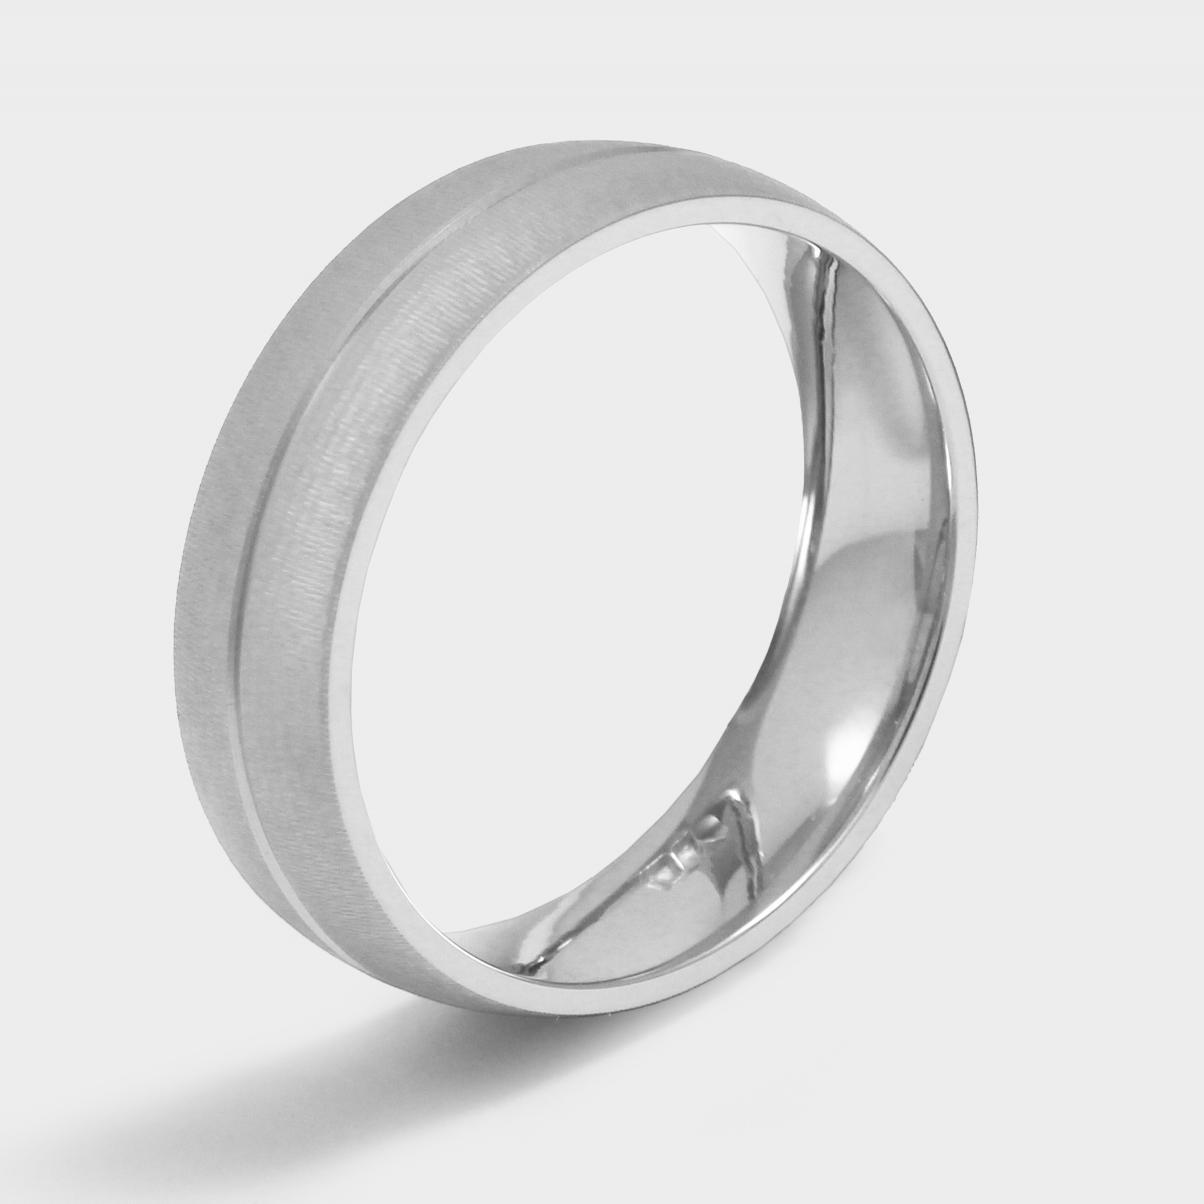 M/écaniques cl/és cl/é plate mixte 7 mm et profil fin renforc/é et tremp/é au chrome-vanadium. forg/é miroir